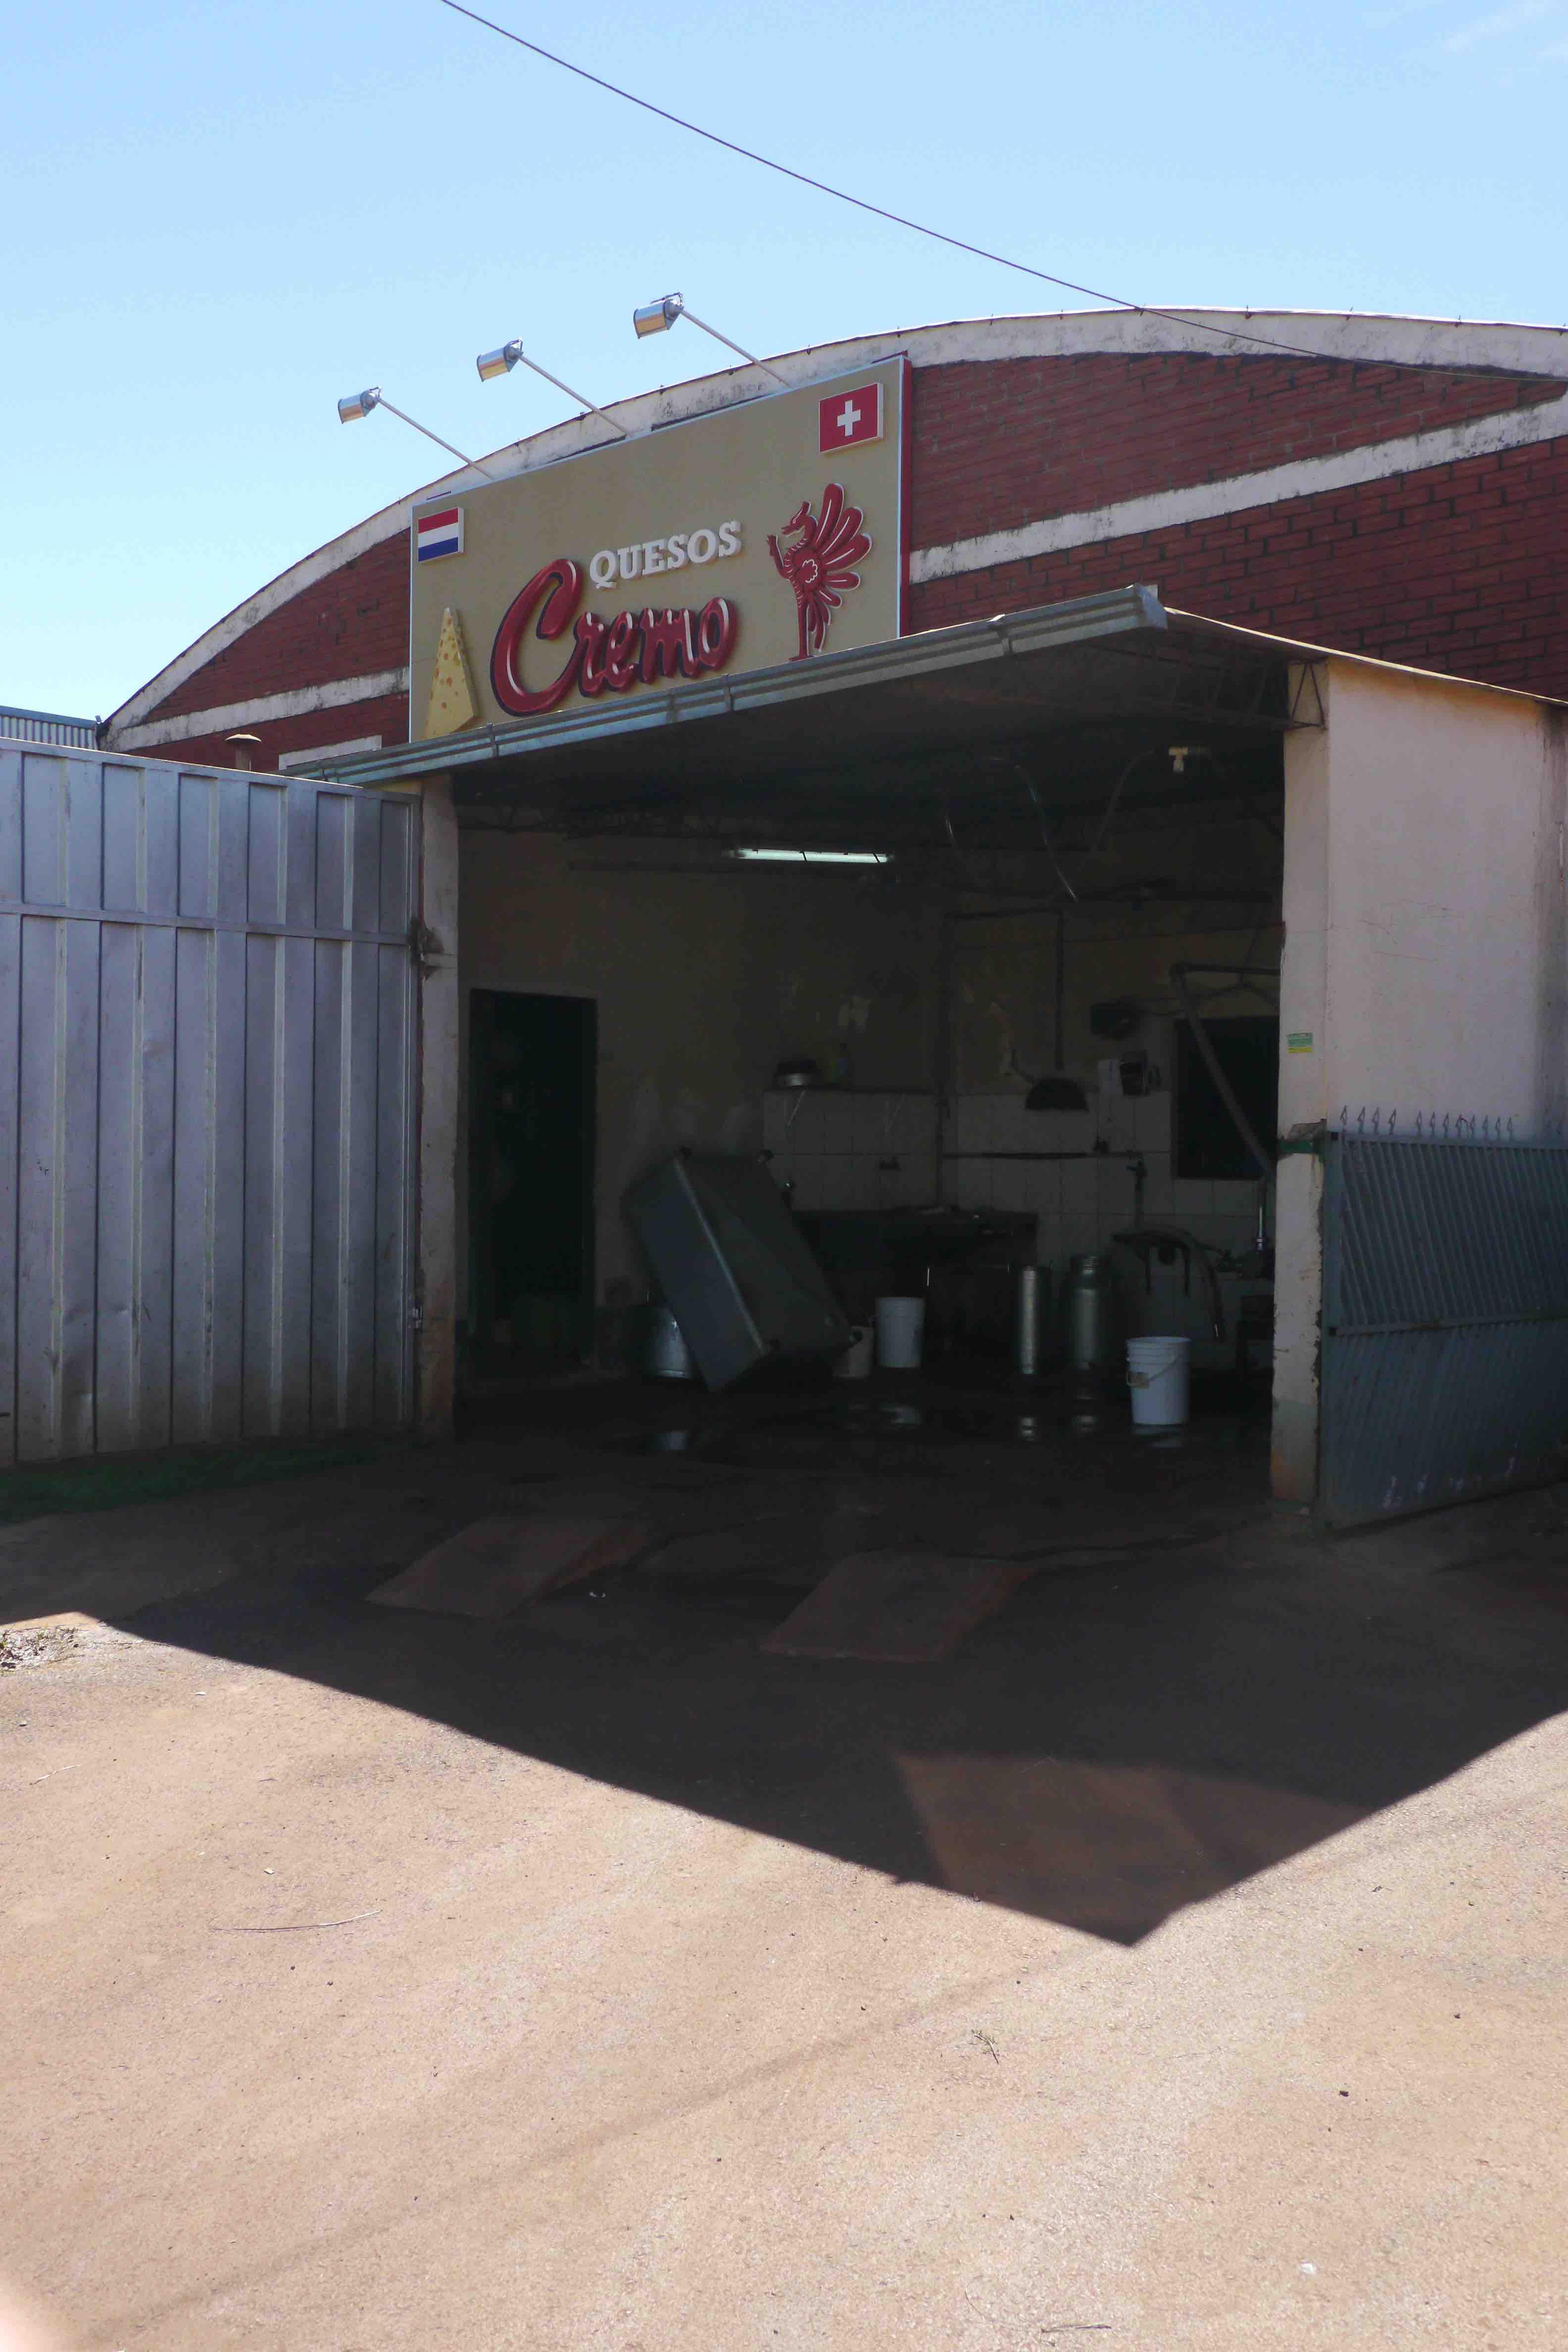 005 2108 Ciudad del Este - Caaguazu 6jpeg